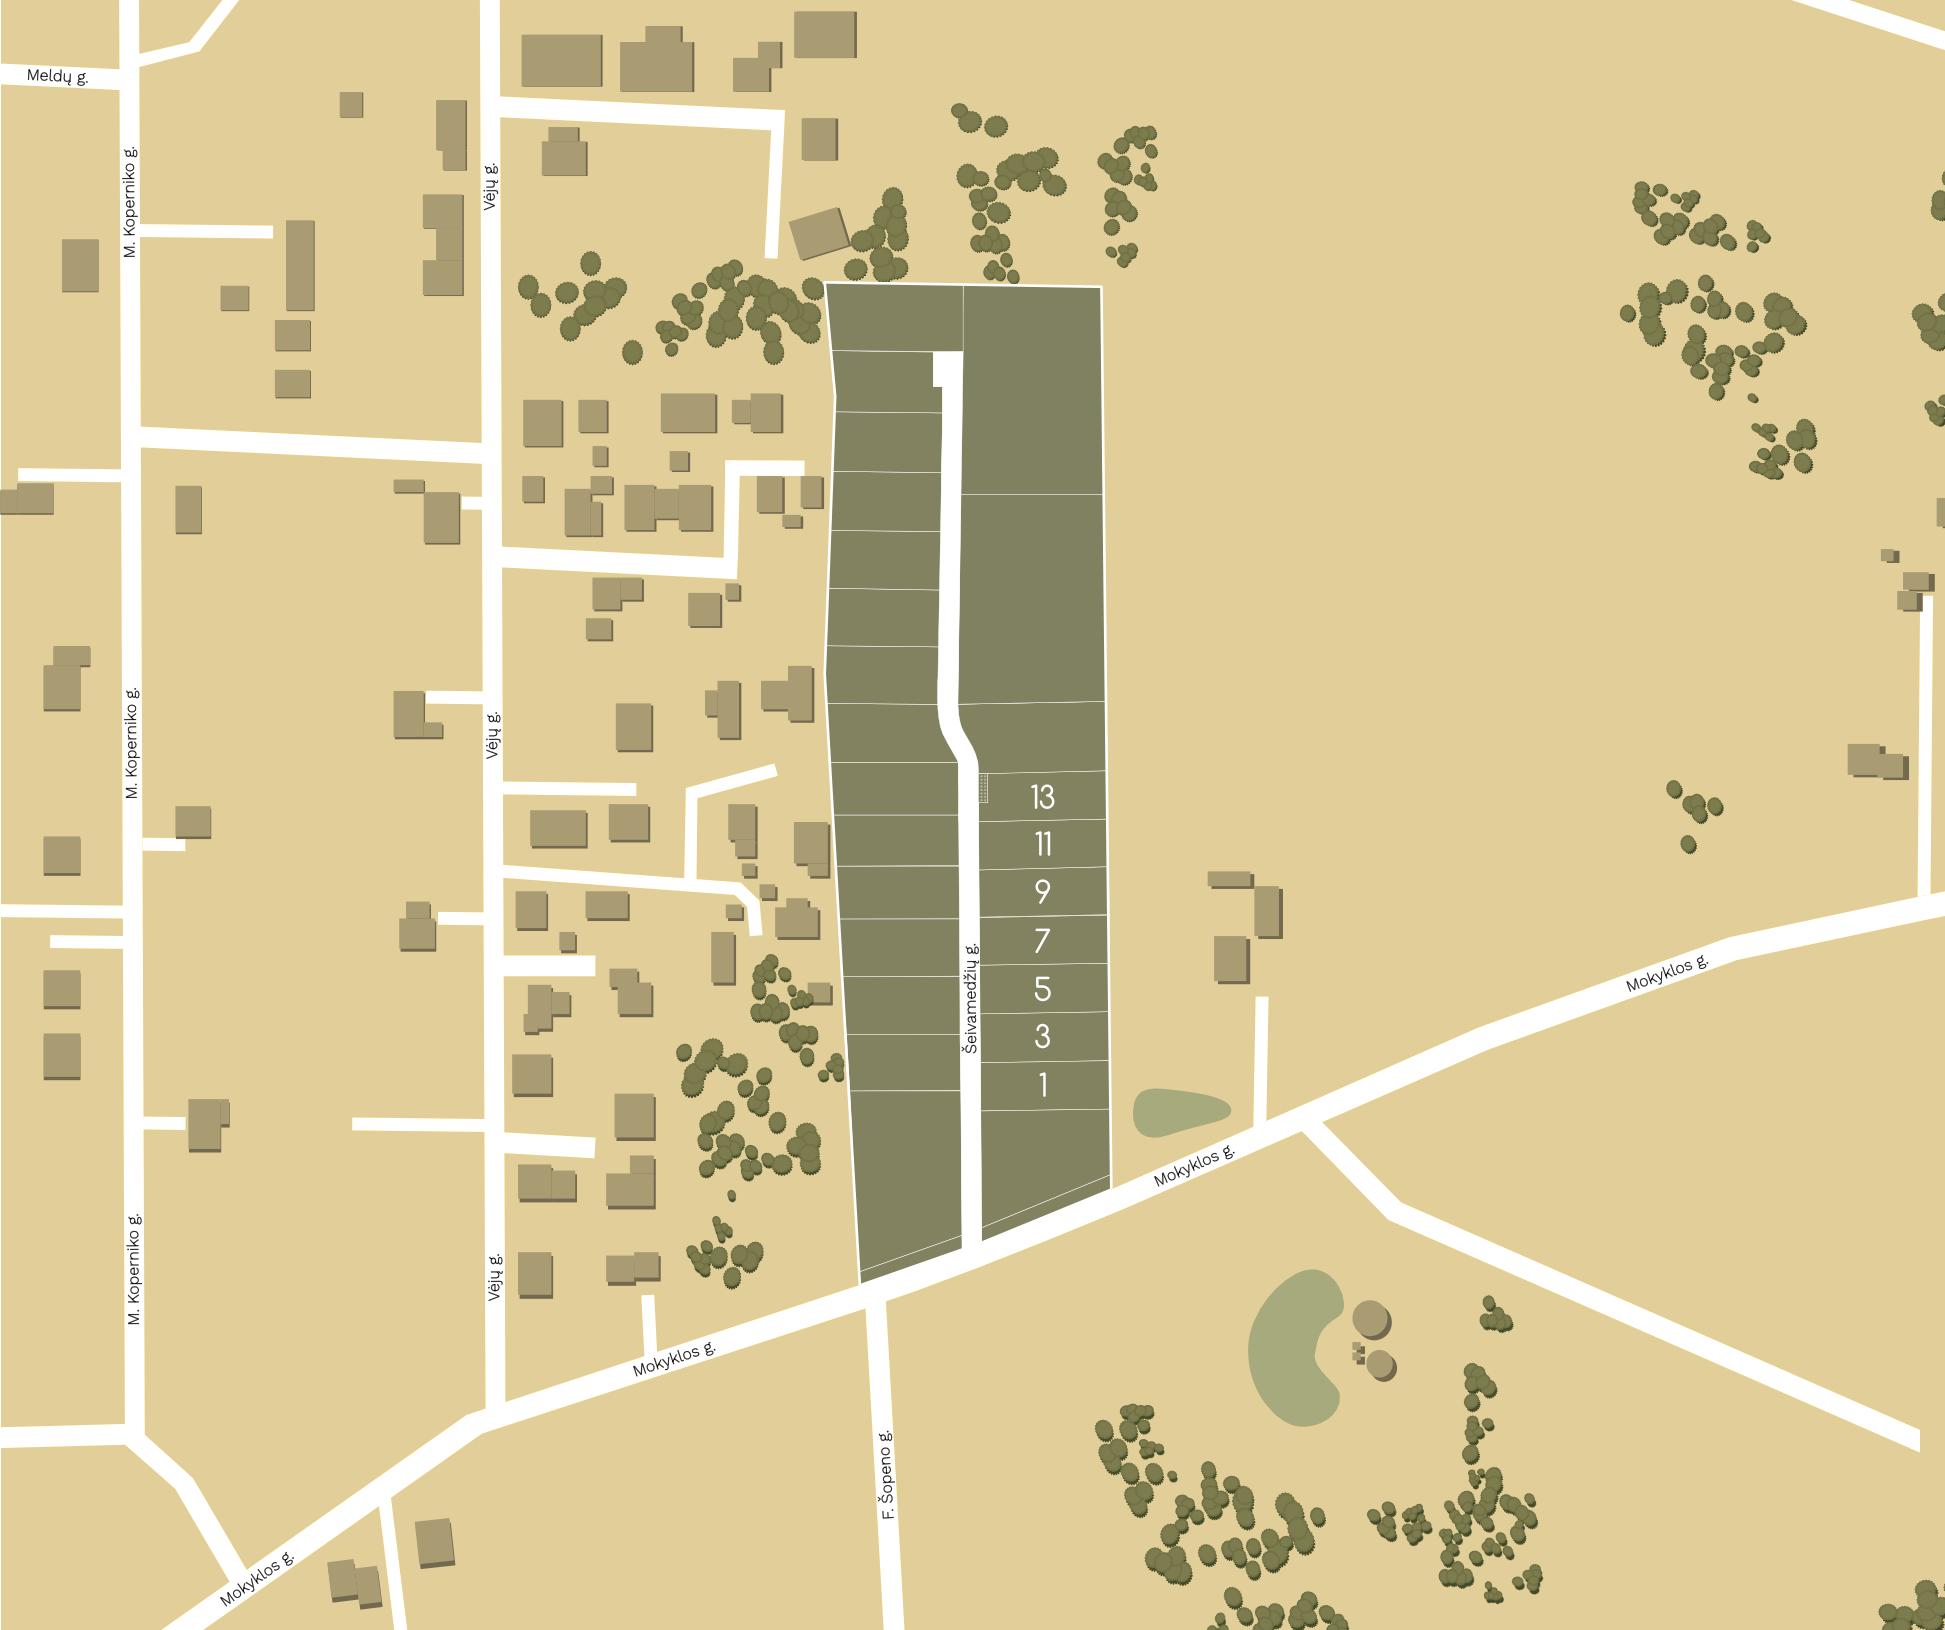 Kvartalo žemėlapis. Nuosavų gyvenamųjų namų kvartalas Vilniaus rajone. Parduodami namų valdos sklypai prie Vilniaus. Kairėnai. Galgiai